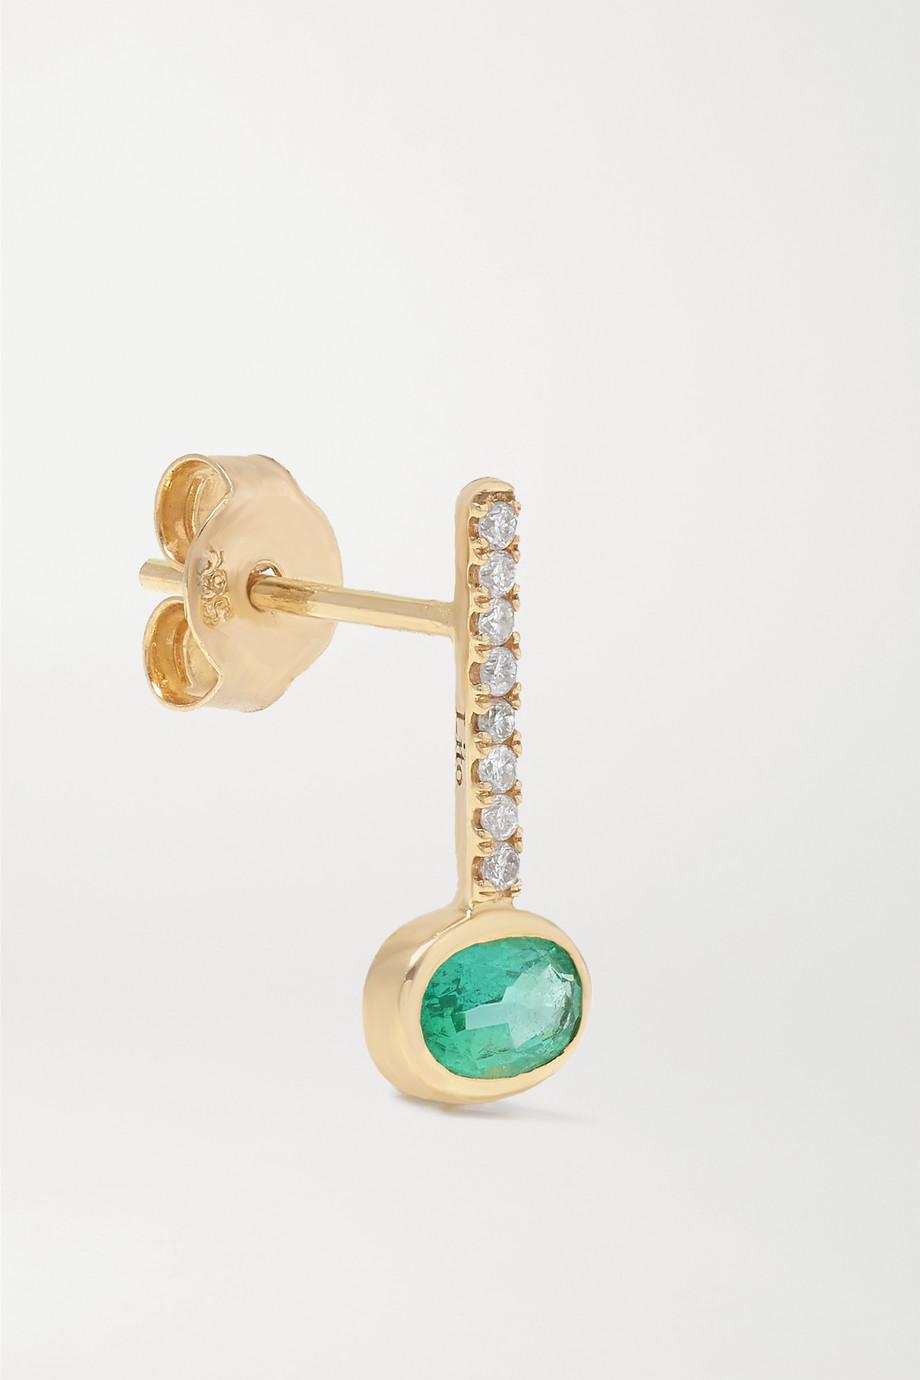 Lito Ohrring aus 14 Karat Gold mit Smaragd und Diamanten